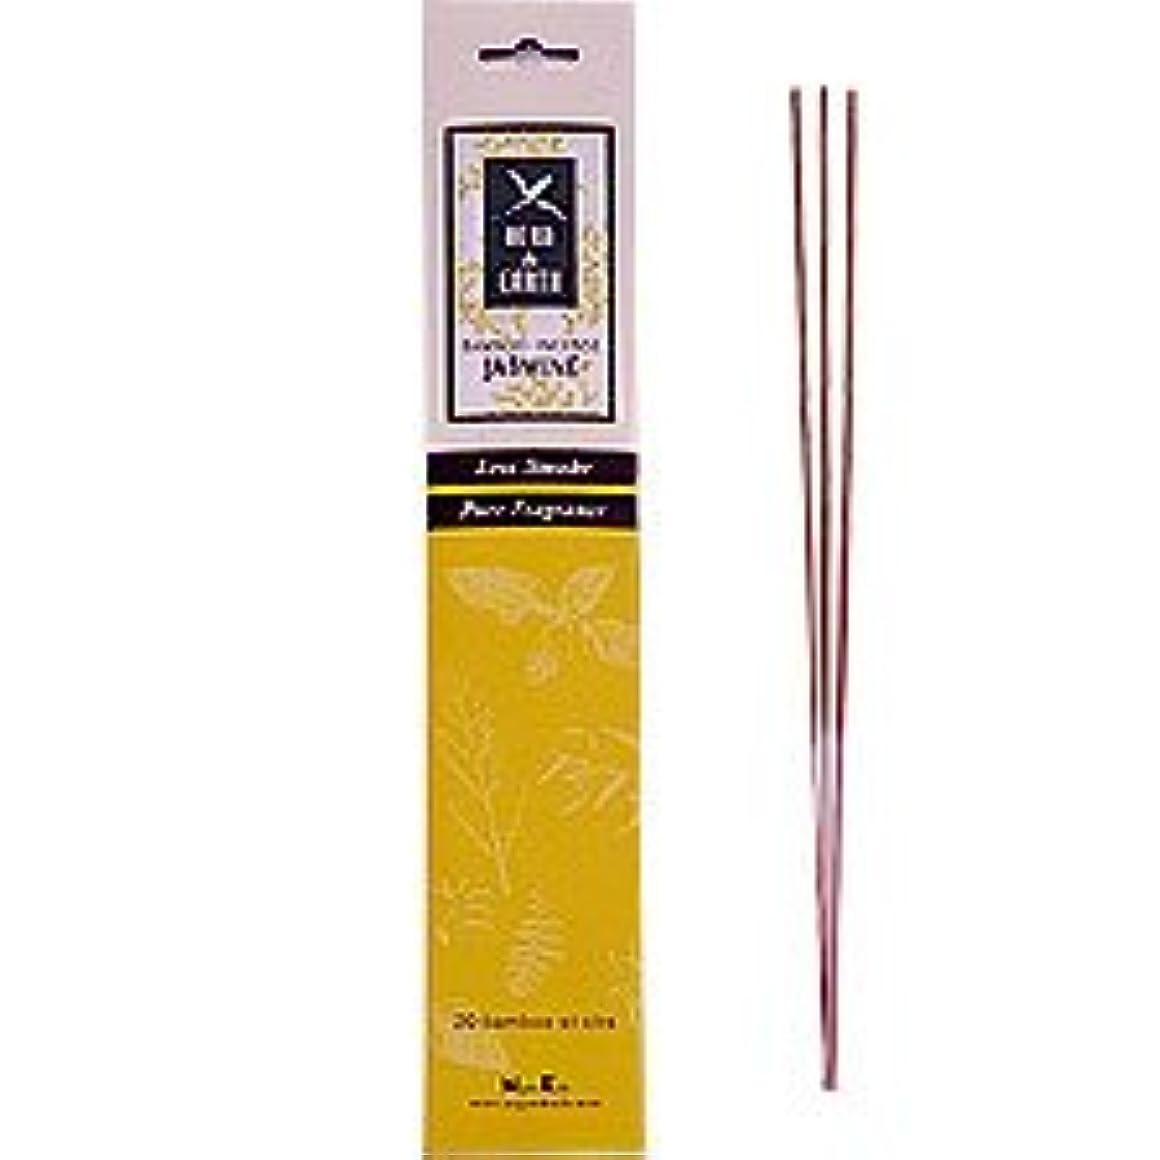 マントル霧使用法ジャスミン – Herb and Earth IncenseからNippon Kodo – 20スティックパッケージ